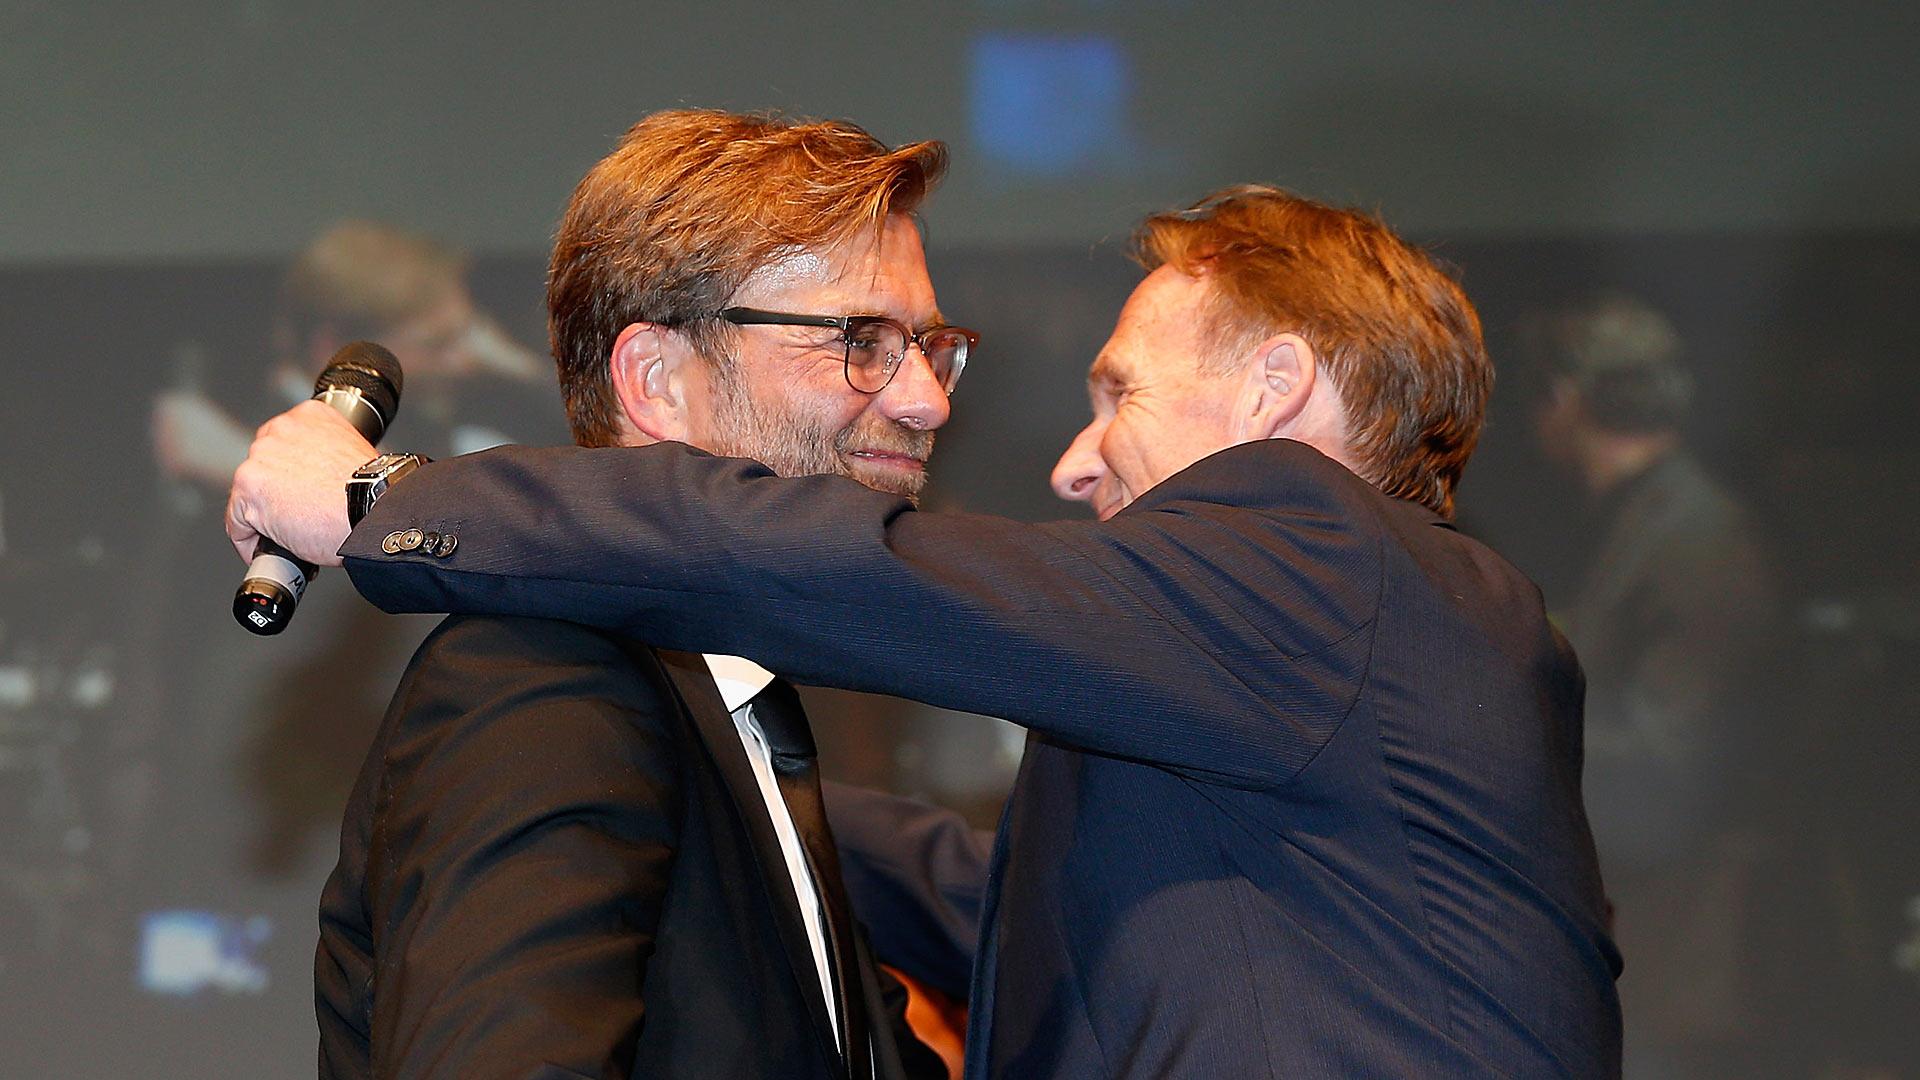 Jürgen Klopp Jurgen Klopp Hans-Joachim Watzke Borussia Dortmund DFB-Pokal 3052015